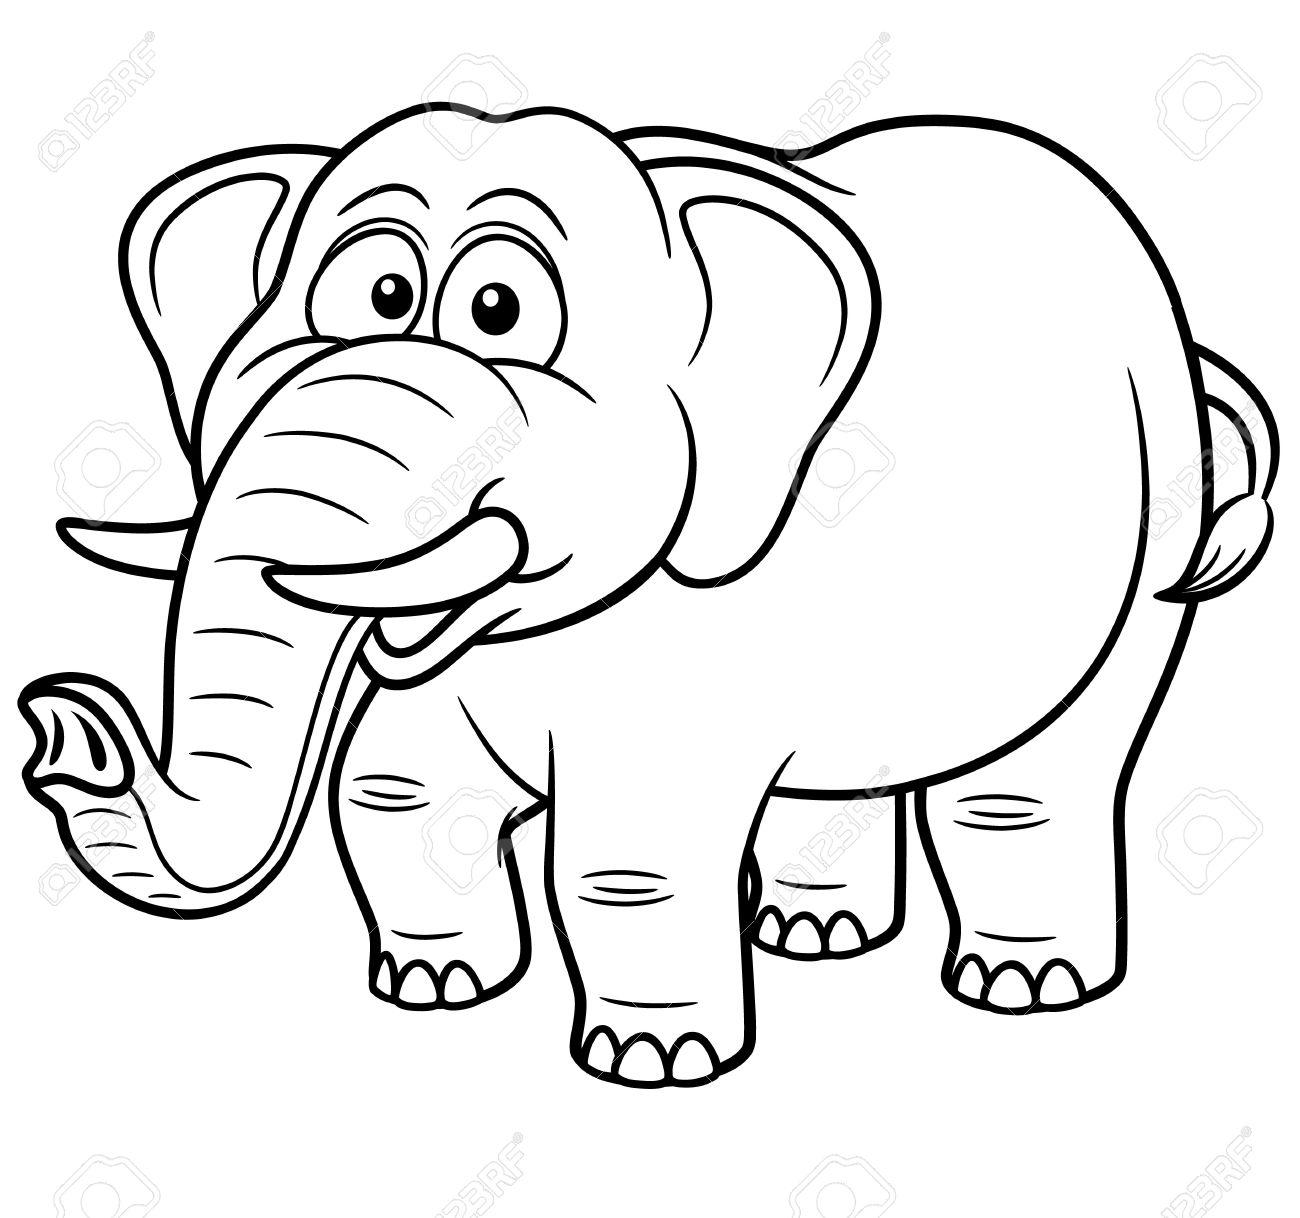 Elephants clipart rat. Elephant x free clip